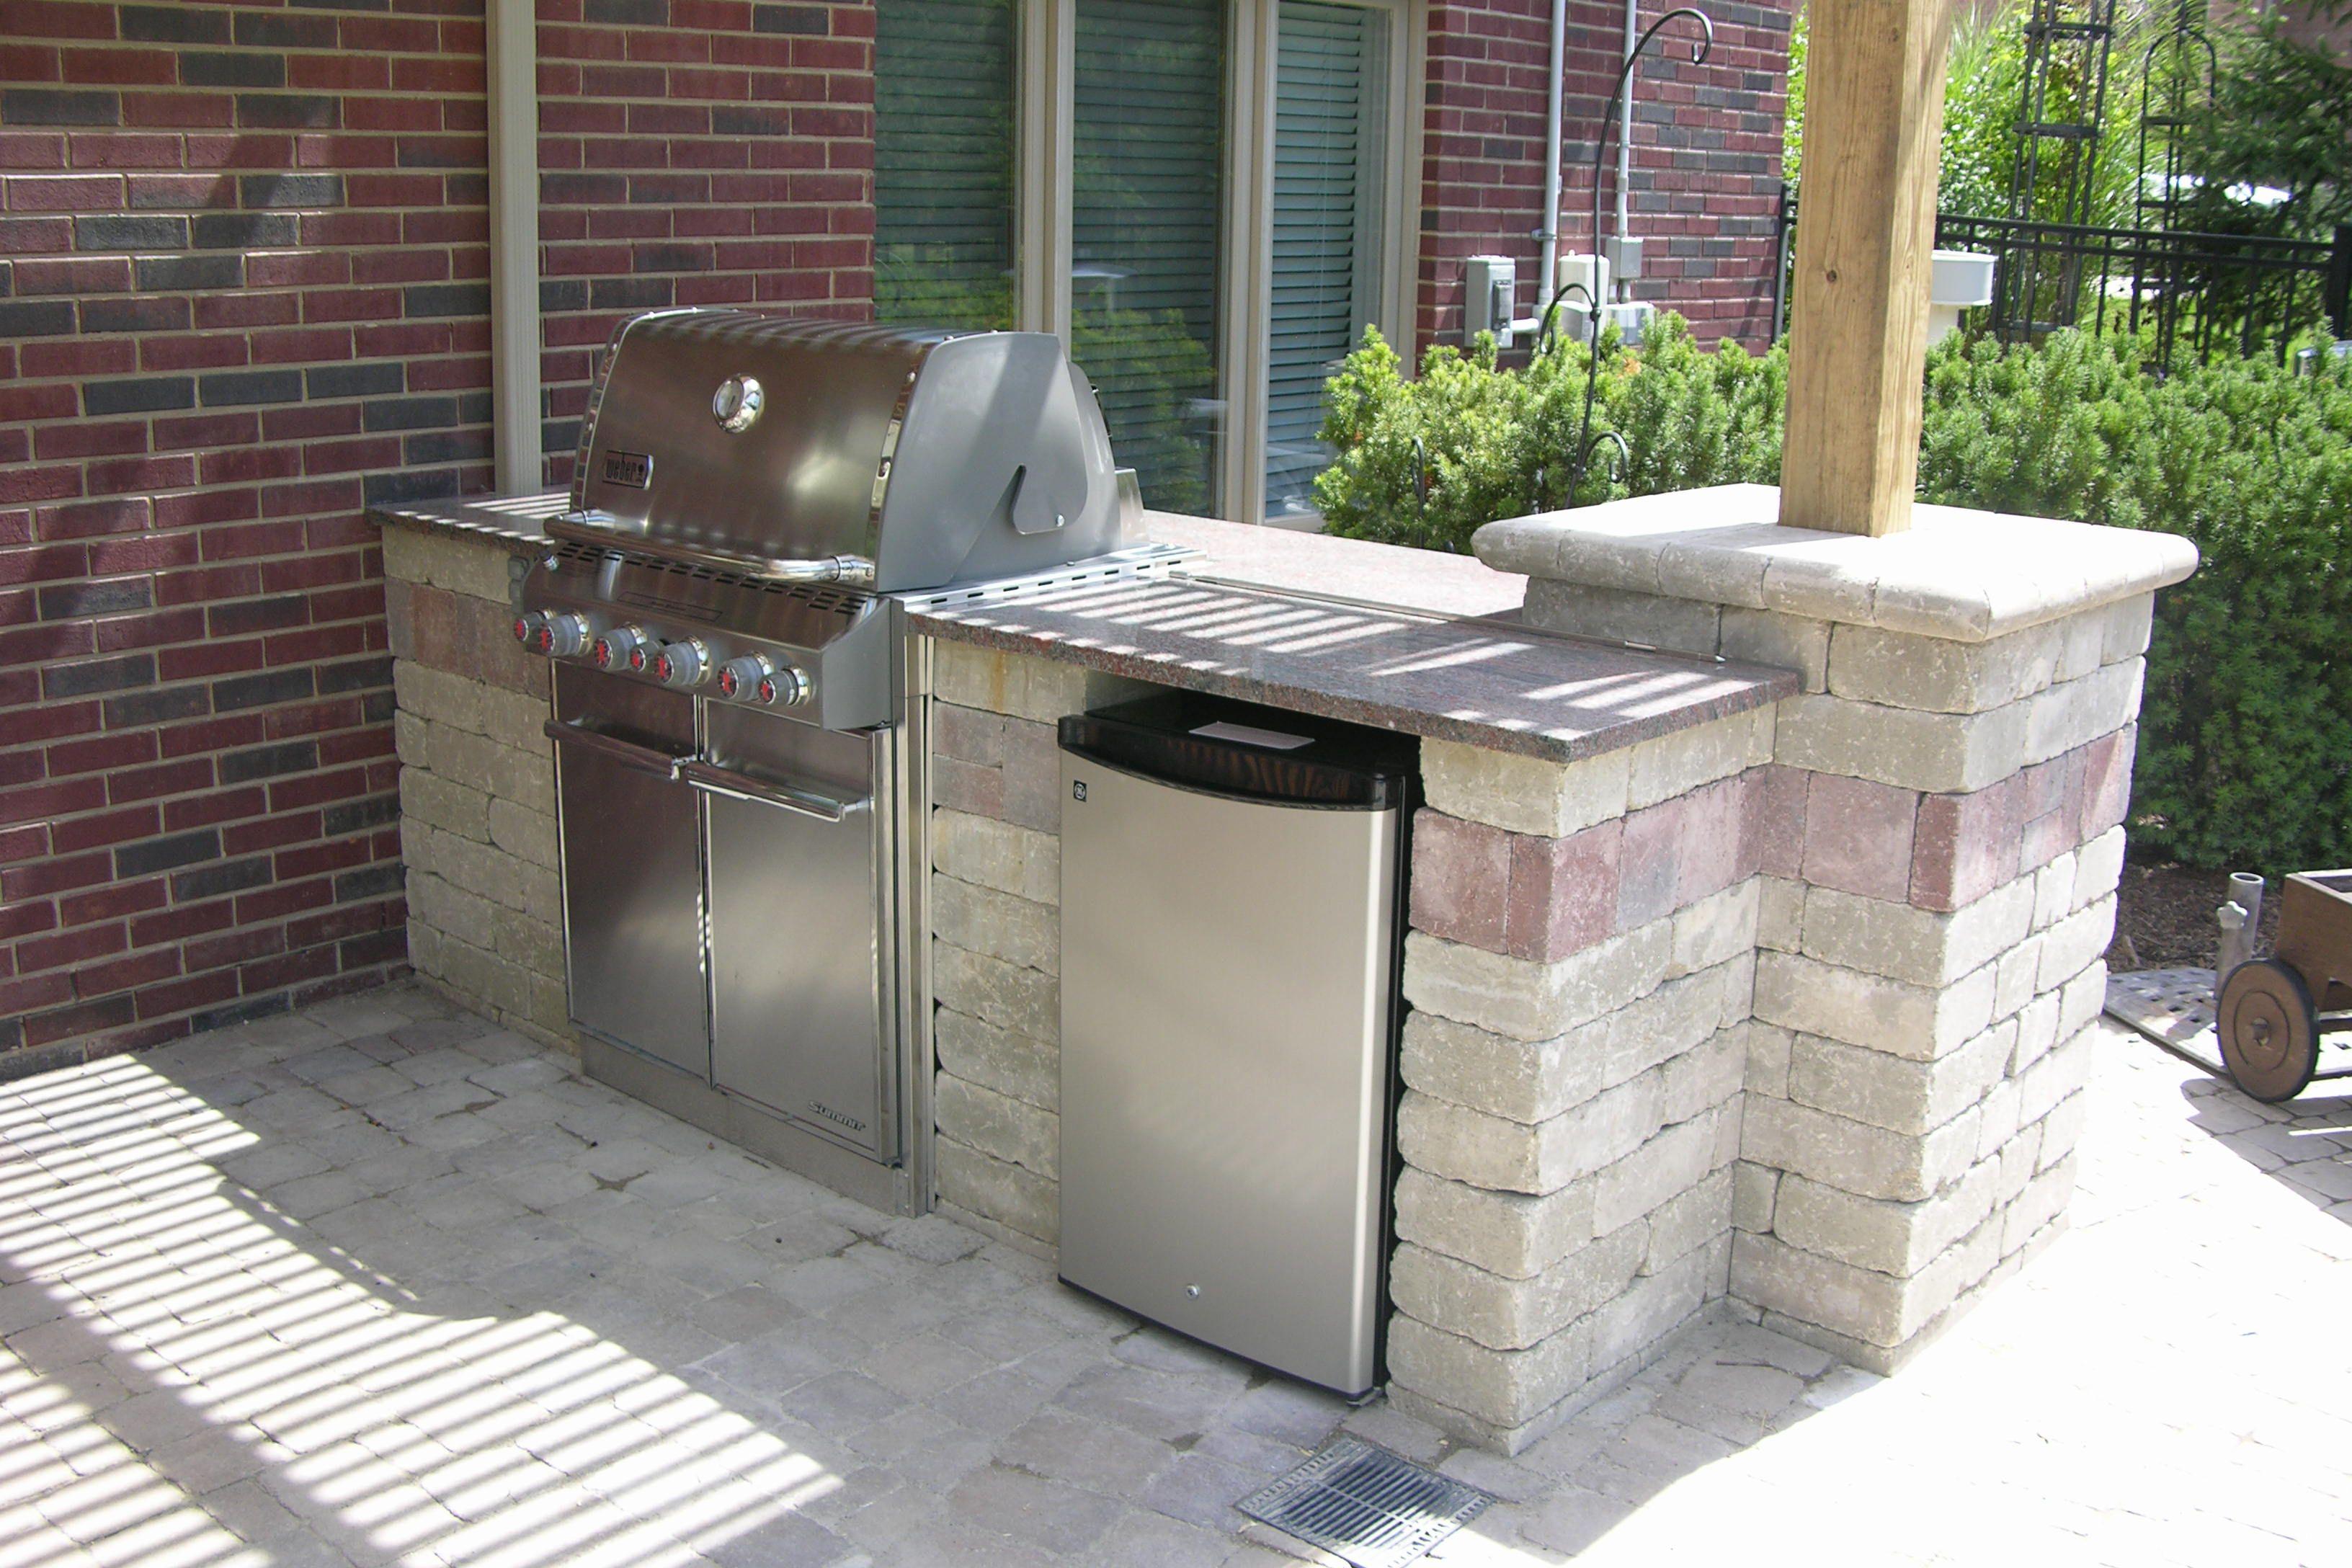 Concrete Block Outdoor Kitchen Diy Outdoor Kitchen Cinder Block Adding Outdoor Kitchens Diy Outdoor Kitchen Build Outdoor Fireplace Build Outdoor Kitchen